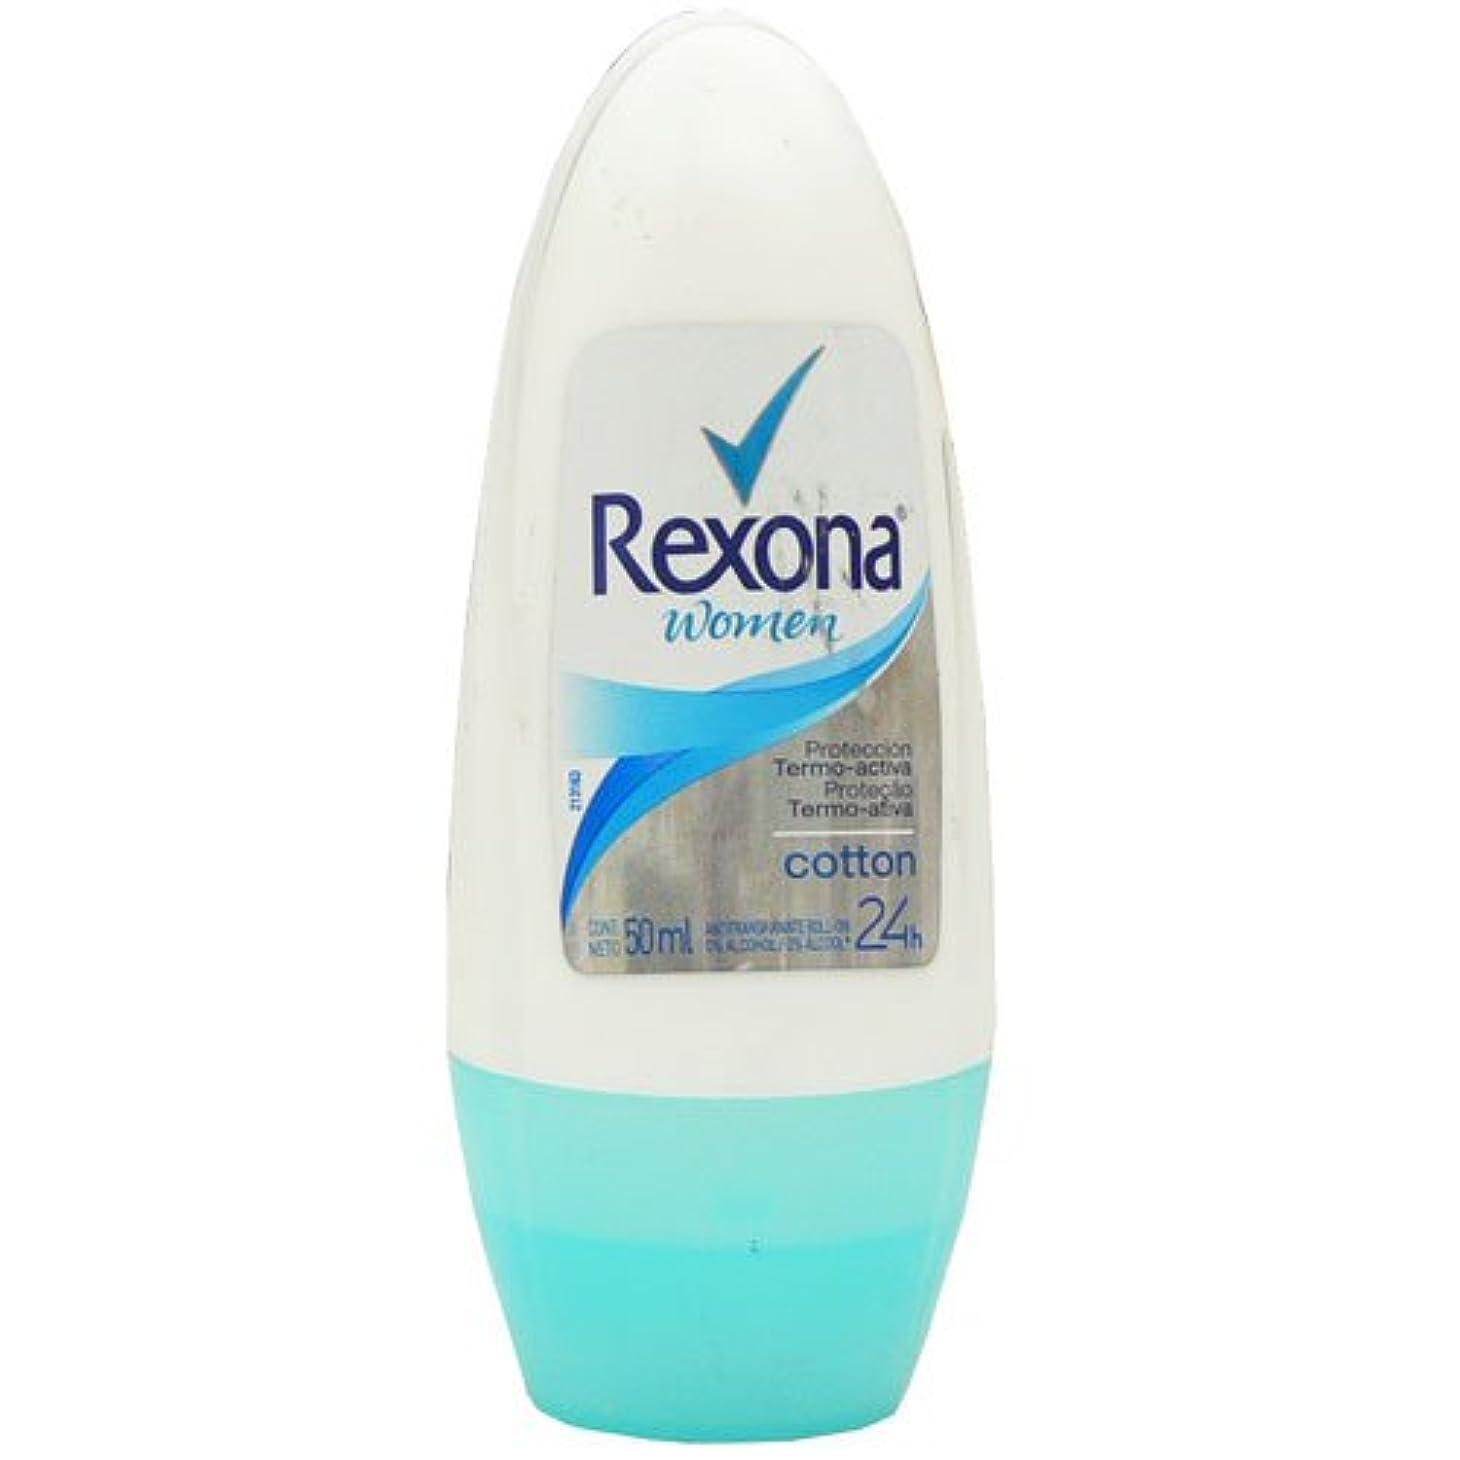 可動有効なうれしいデオドラント ワキ用 ロールオン Rexona(レクソーナ) ウーメン コットン 50ml